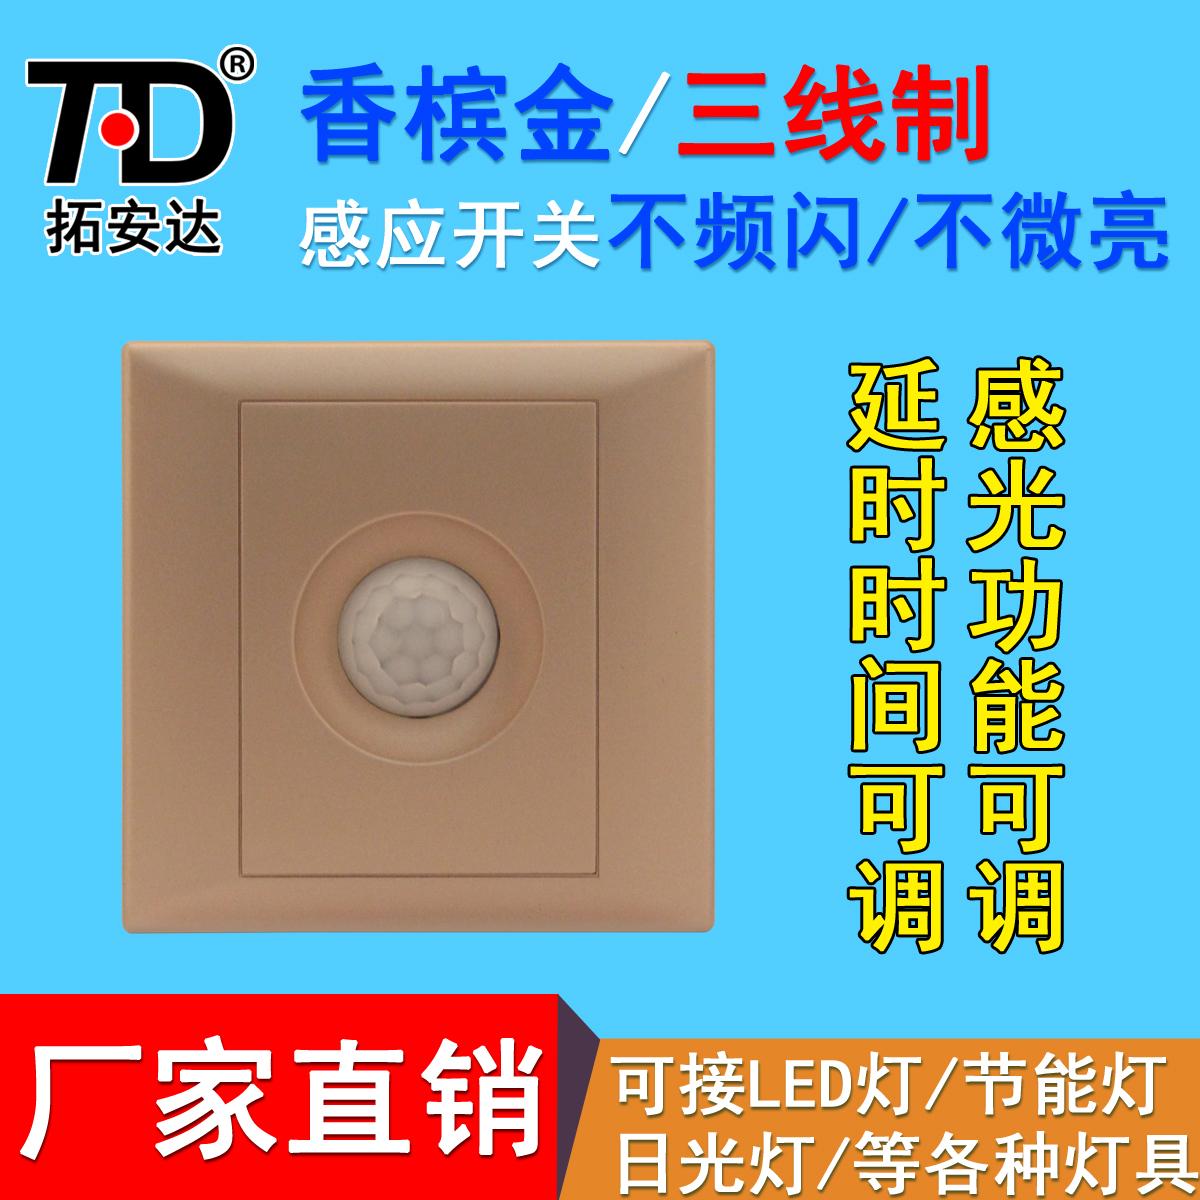 拓安达人体红外线感应led灯TAD-K3